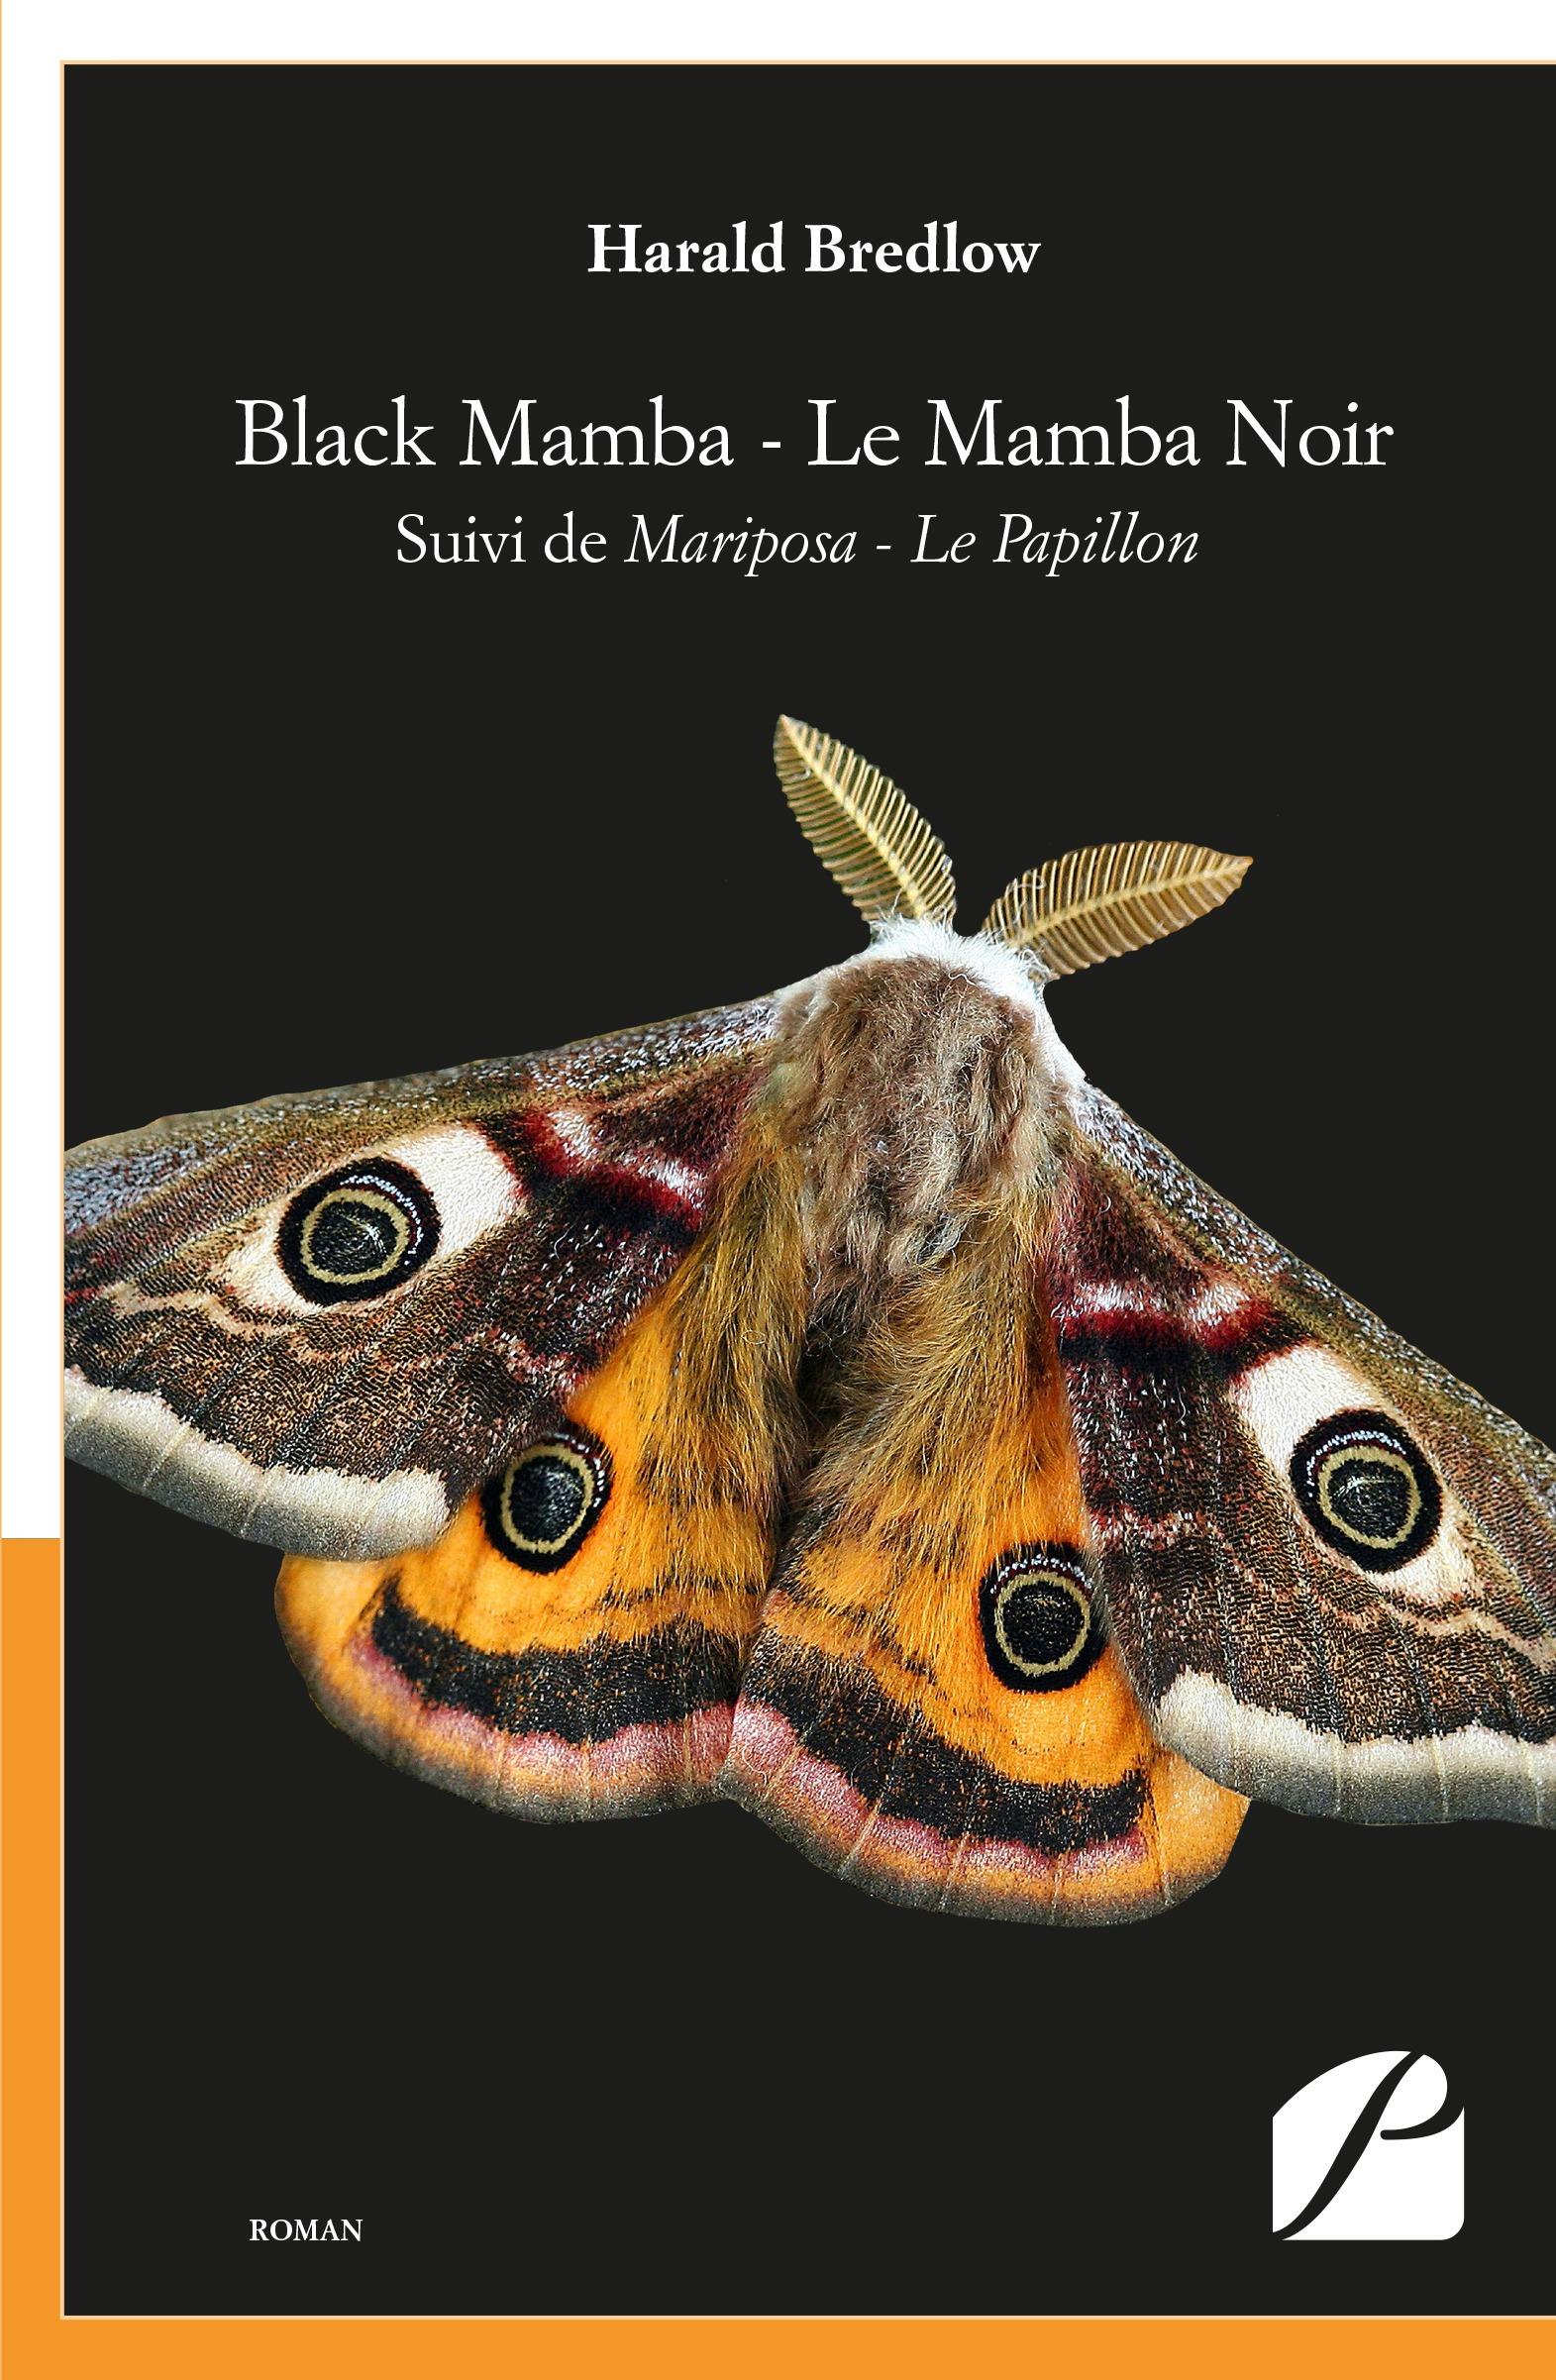 Black Mamba - Le Mamba Noir  - Harald Bredlow